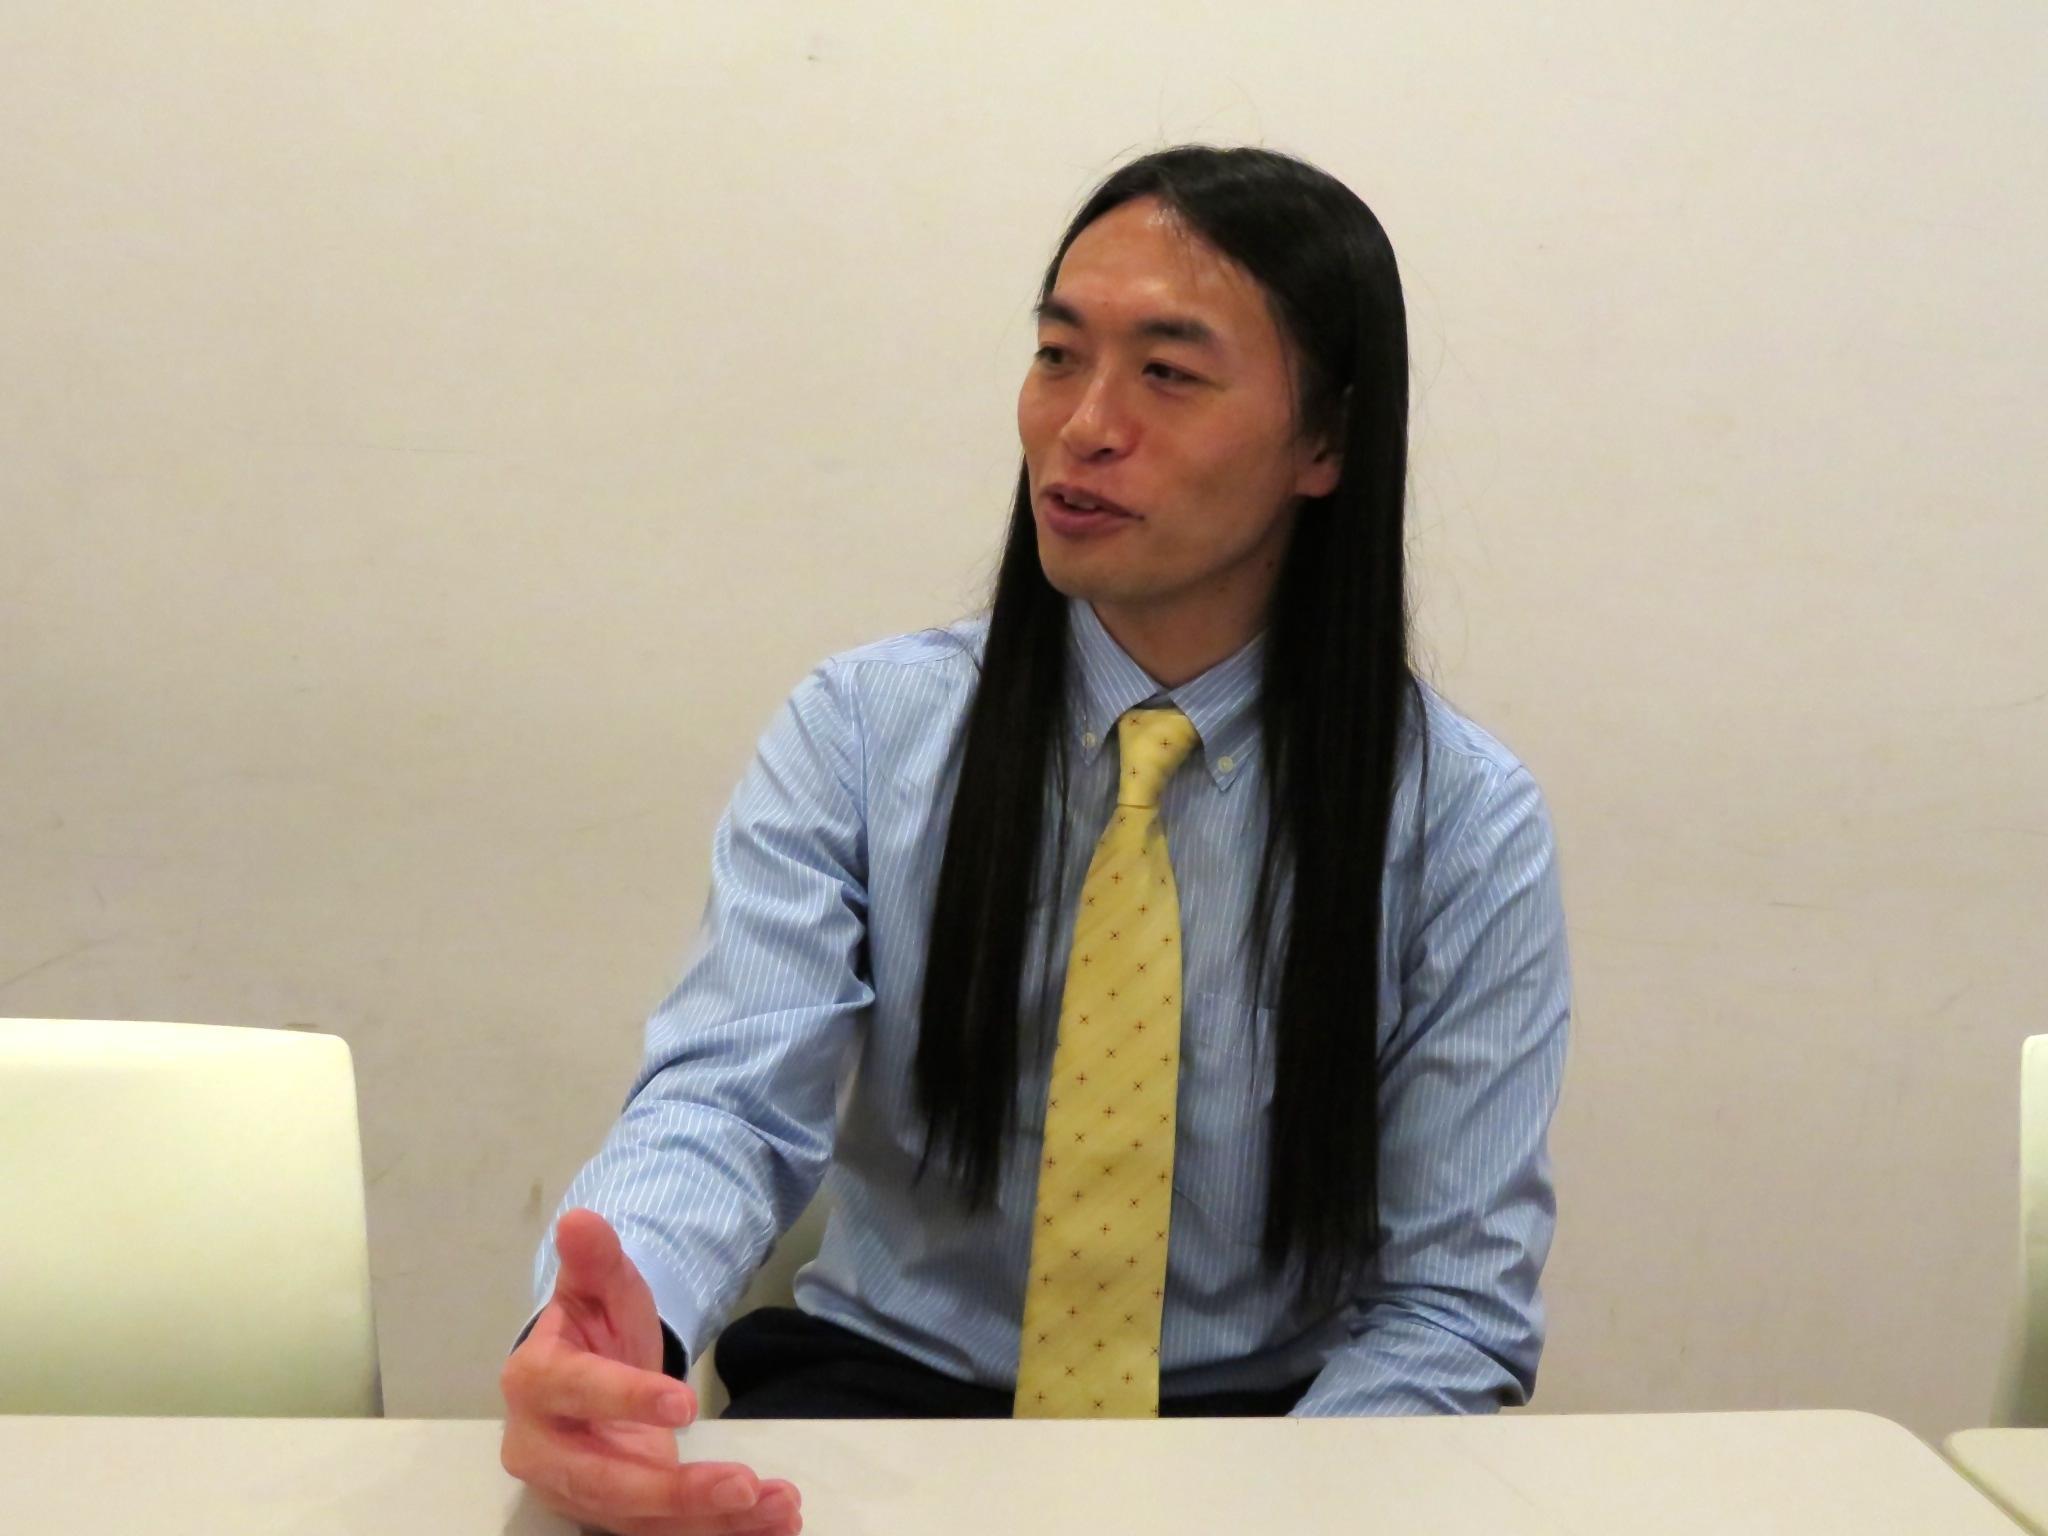 http://news.yoshimoto.co.jp/20180306214227-11a1e4bb3b625751f04d2cb0f3e9a69ee37426ea.jpg